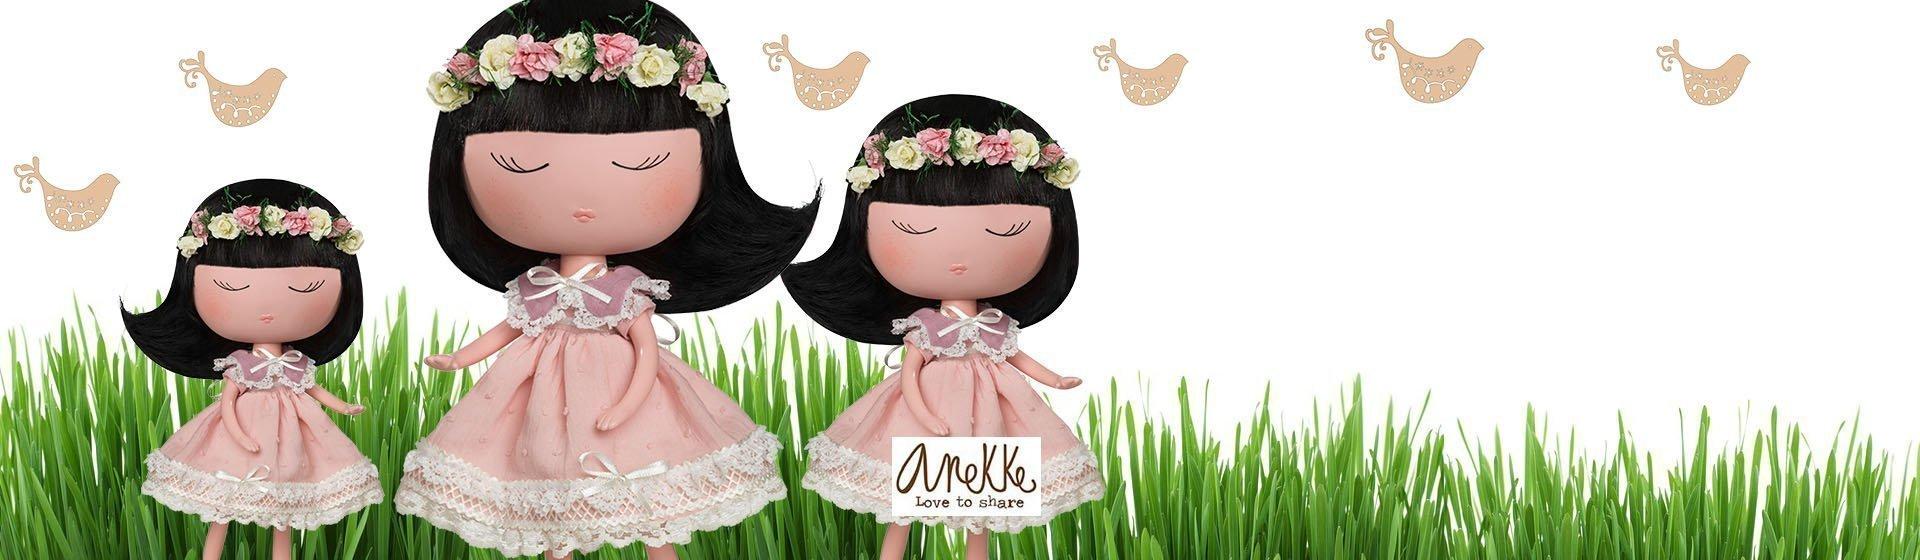 Muñecas Anekke